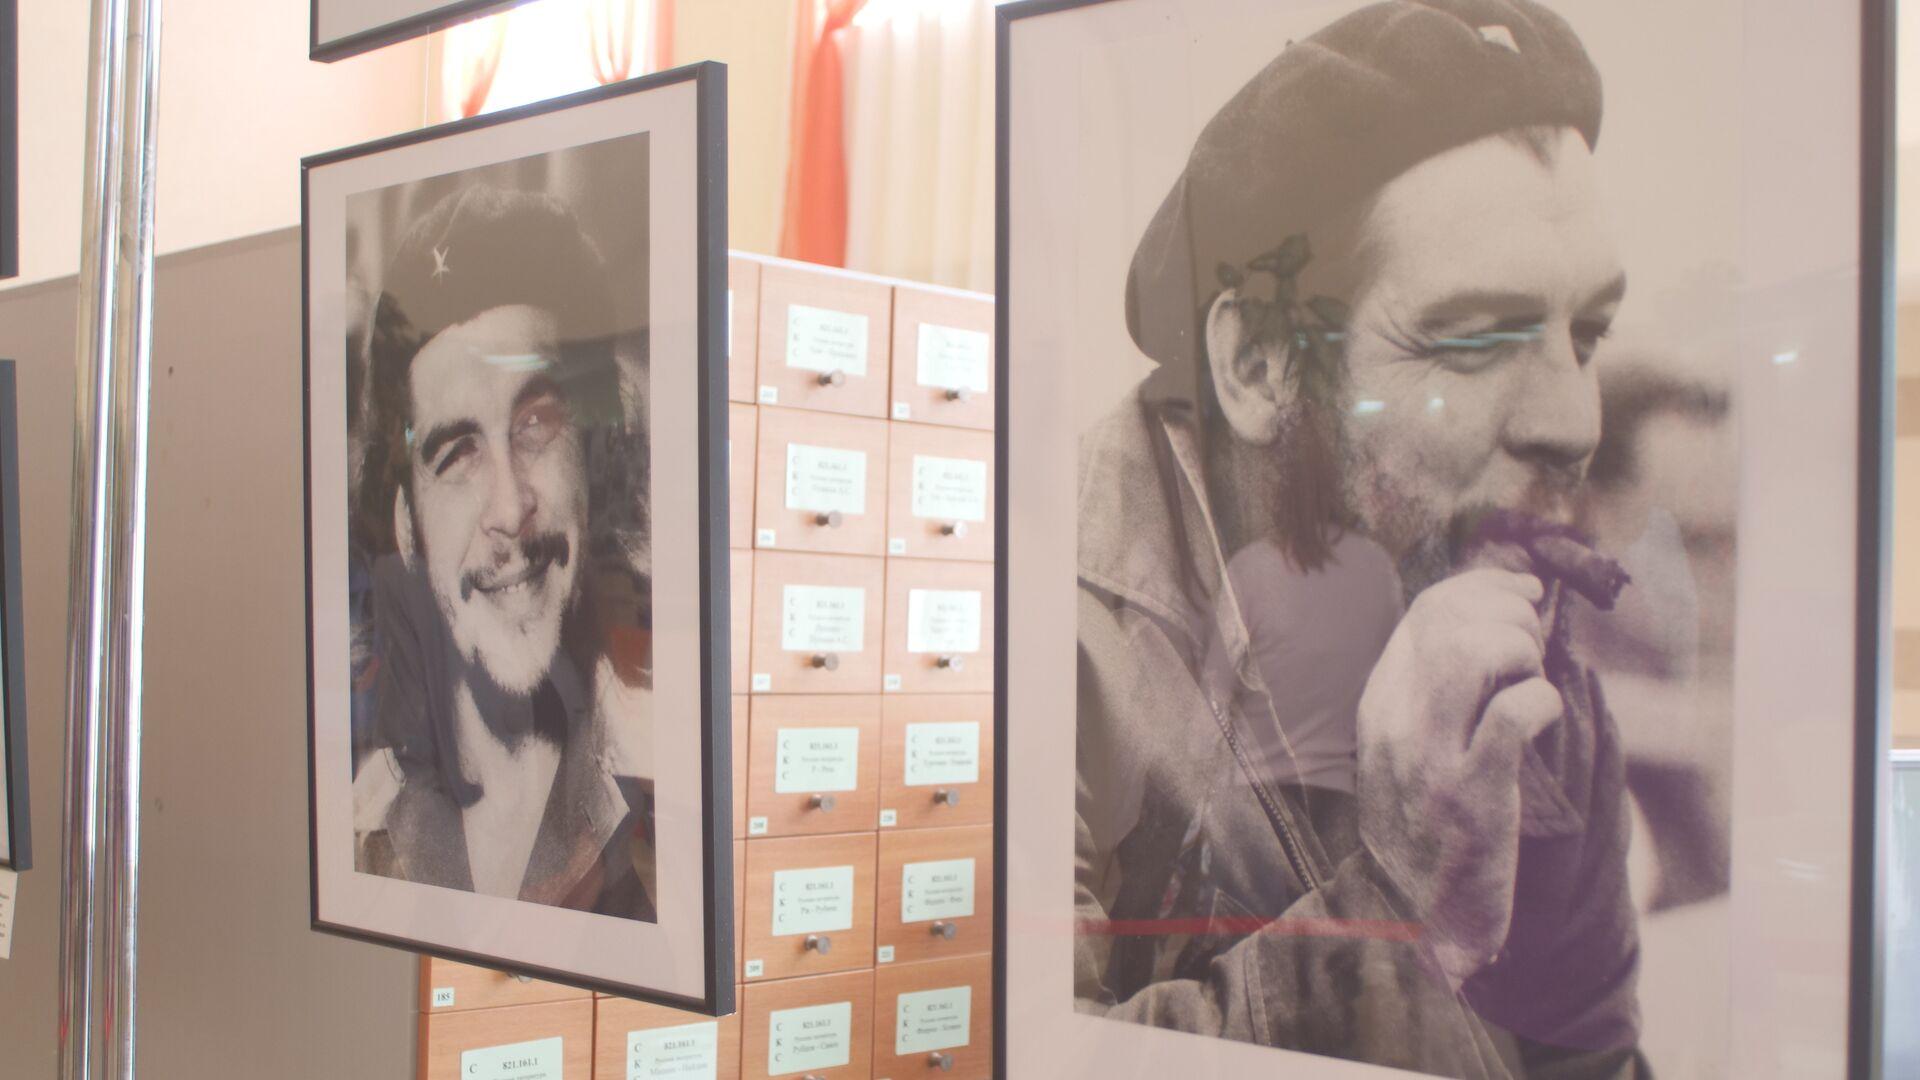 Выставка Эрнесто Че Гевара. Путь Свободы, которая открылась в библиотеке им. Франко в Симферополе - РИА Новости, 1920, 25.07.2021